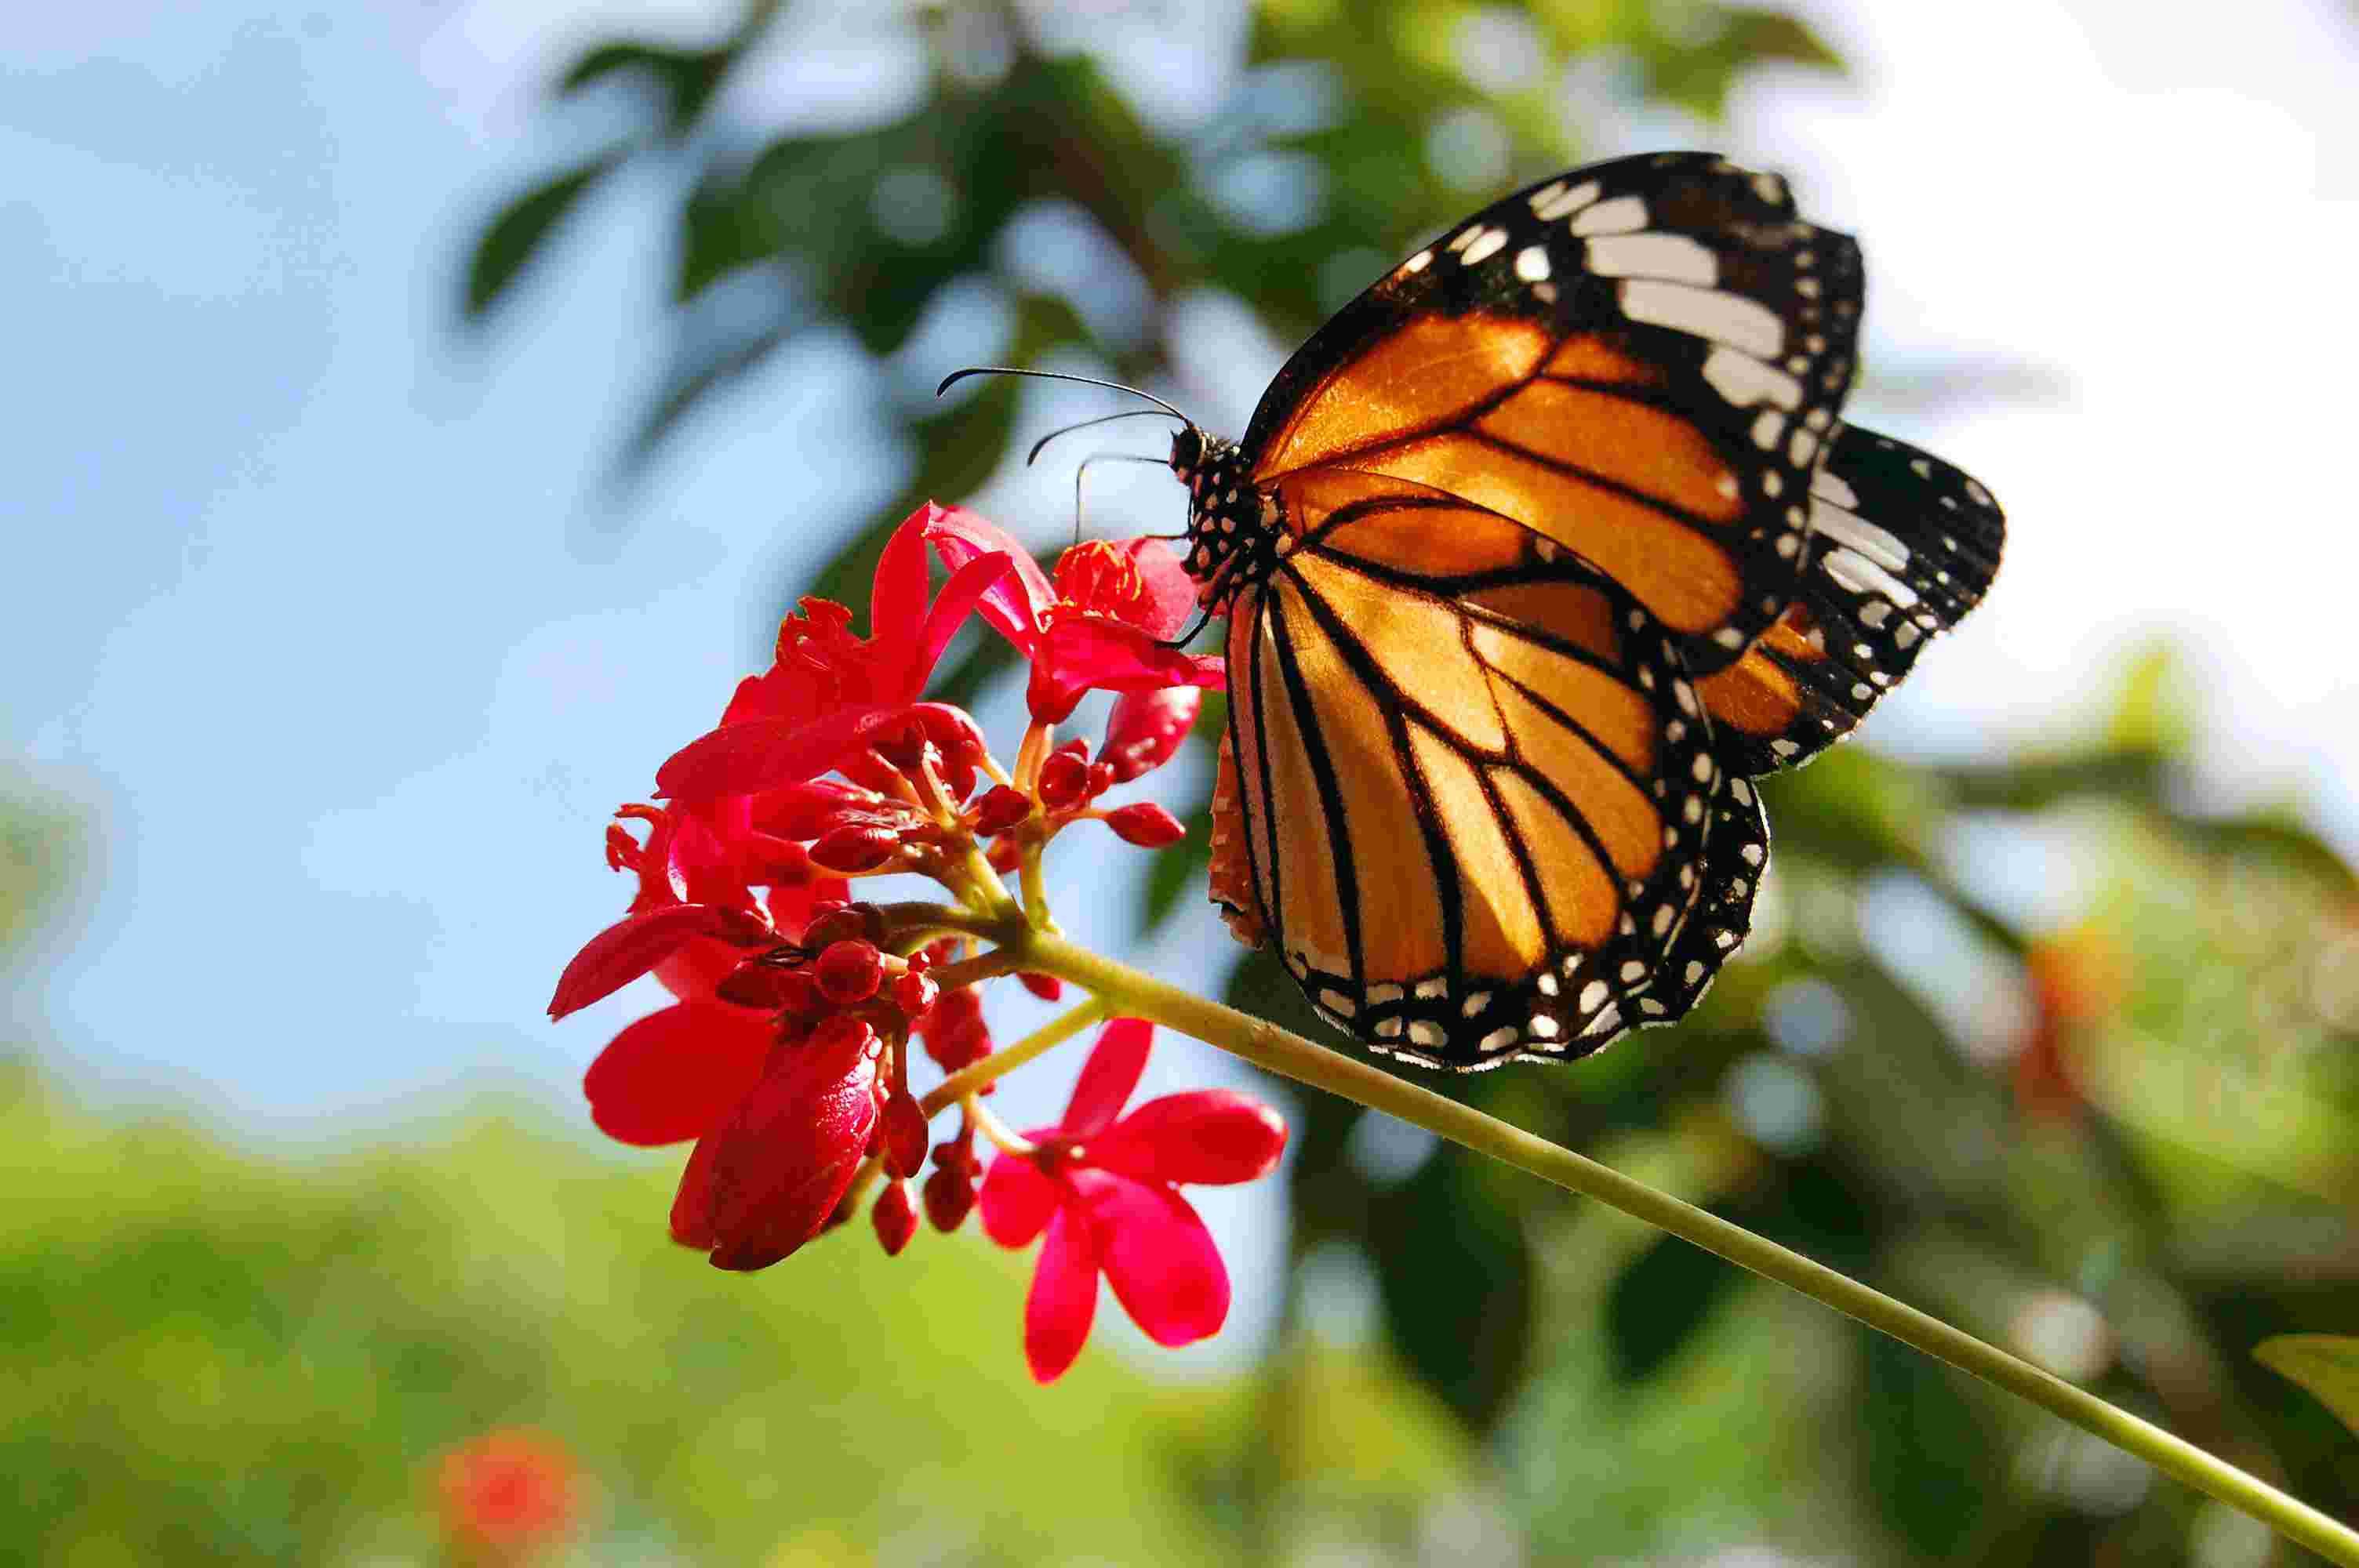 Uno de los animales en peligro de extinción es el mariposa monarca